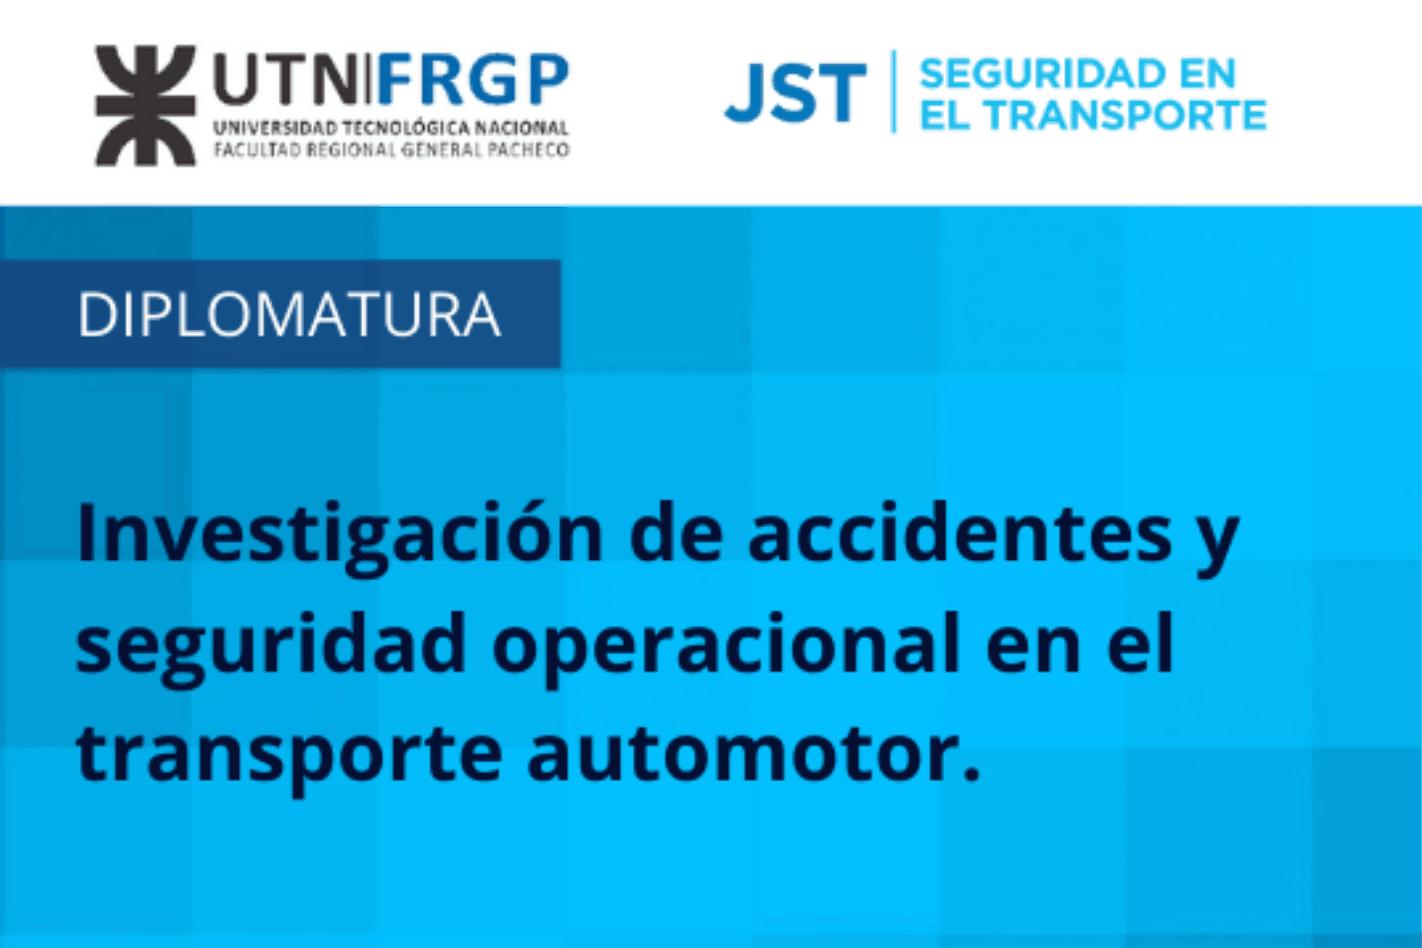 La UTN Pacheco lanza junto a la JST su primera Diplomatura en Investigación de Accidentes Automotores